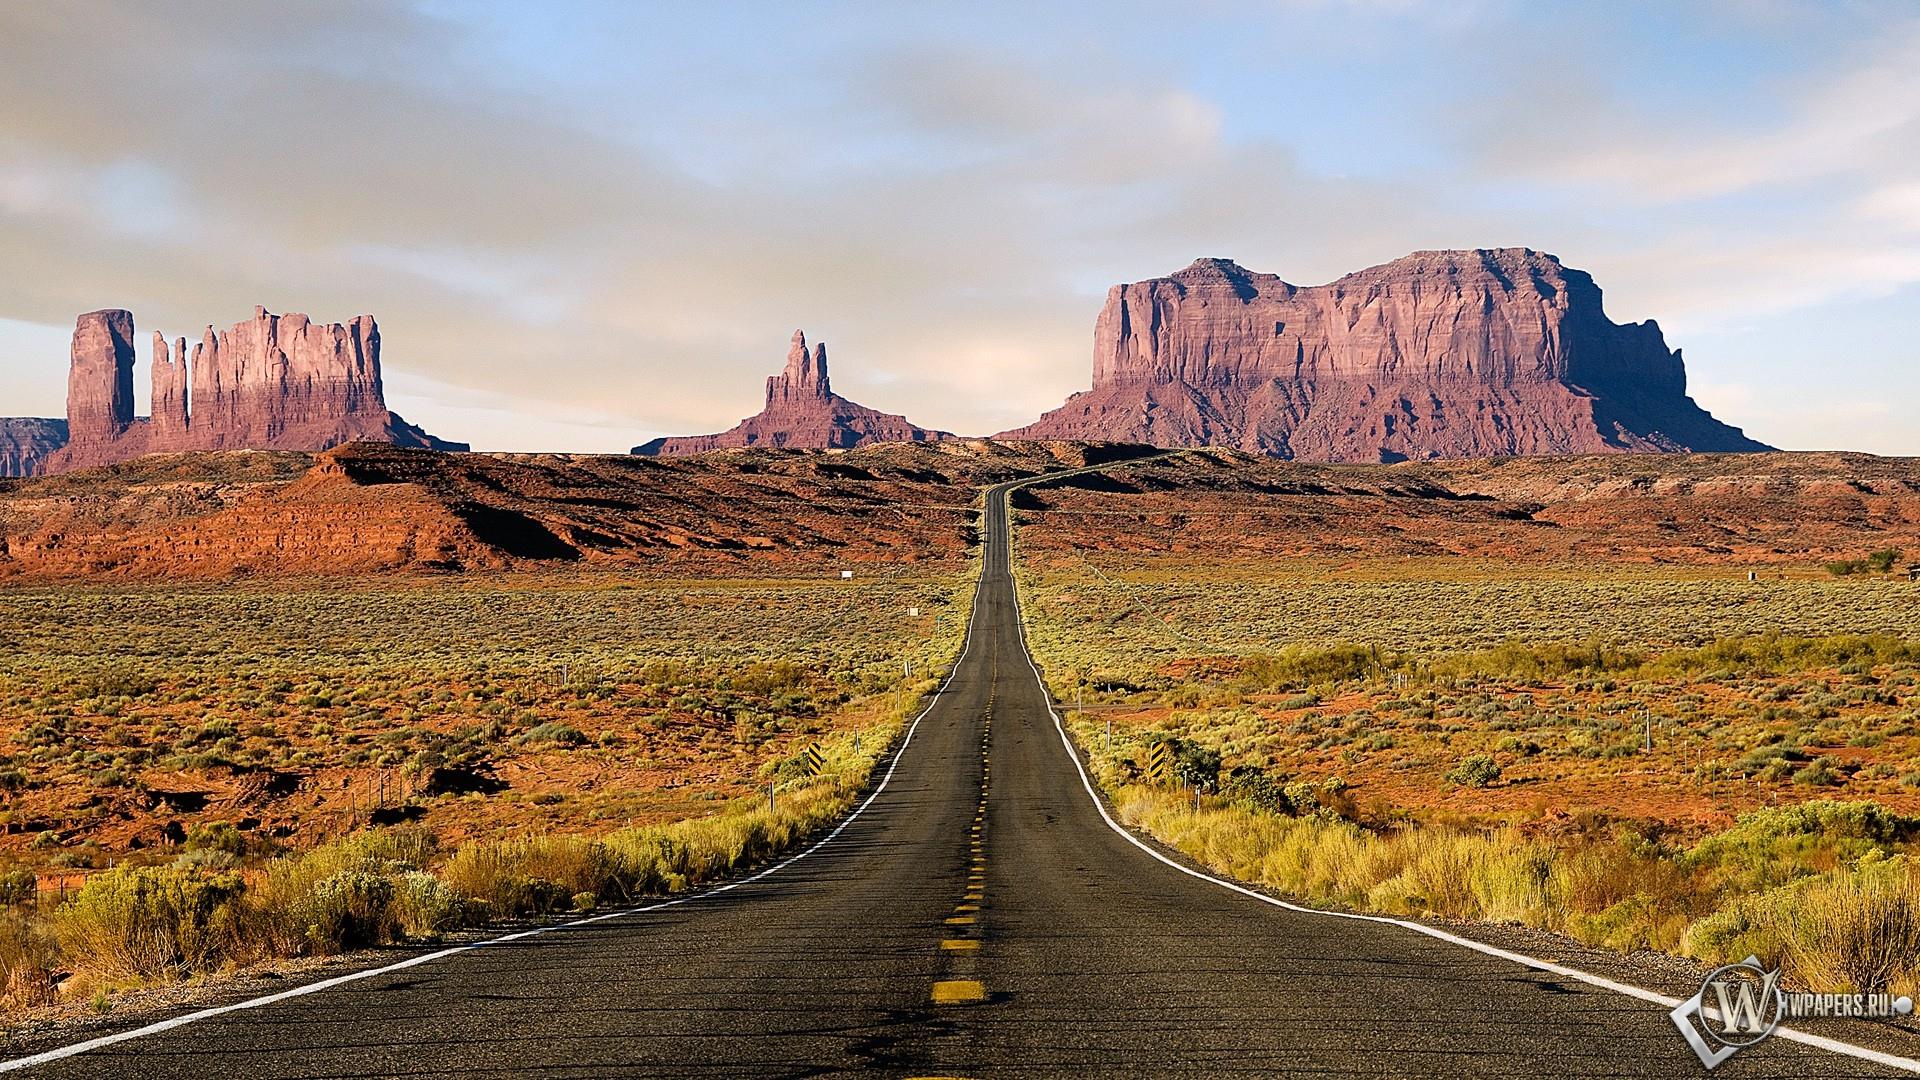 Дорога к скалам 1920x1080